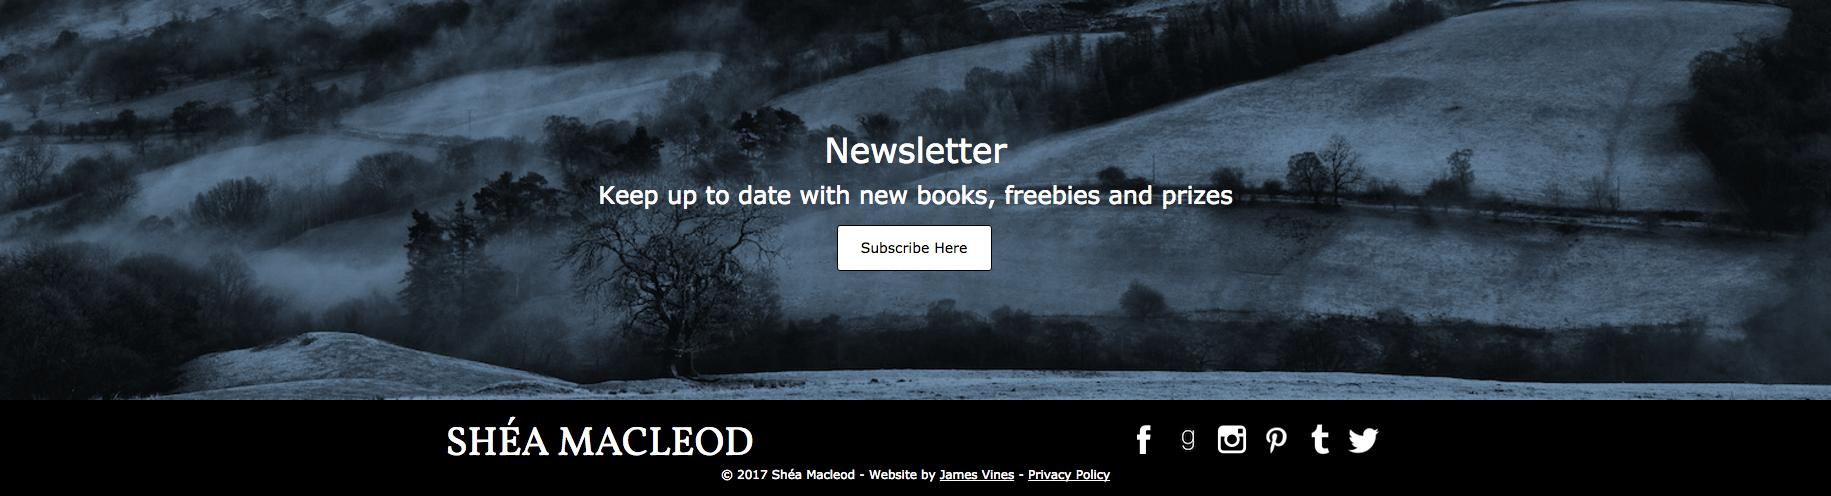 Shéa MacLeod   Newsletter Banner & Footer